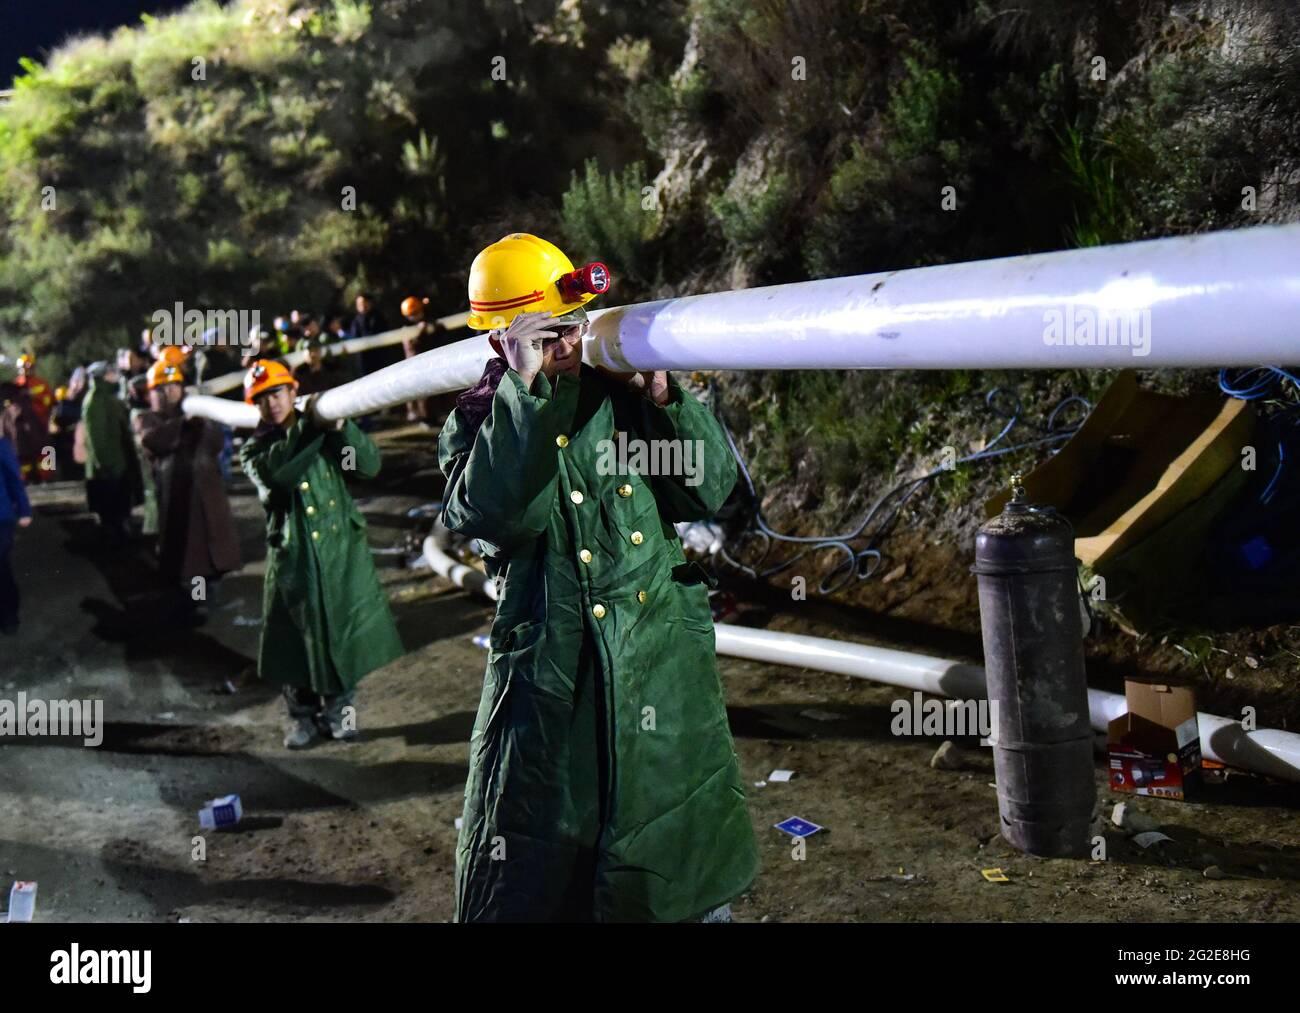 Daixian, province chinoise du Shanxi. 10 juin 2021. Les sauveteurs travaillent sur un site d'accident de mine de fer dans le comté de Daixian, dans la province du Shanxi, au nord de la Chine, le 10 juin 2021. Treize personnes ont été piégées dans une mine de fer qui a inondé la province du Shanxi dans le nord de la Chine, ont déclaré jeudi les autorités locales. Les opérations de sauvetage sont en cours. Credit: Chai Ting/Xinhua/Alay Live News Banque D'Images